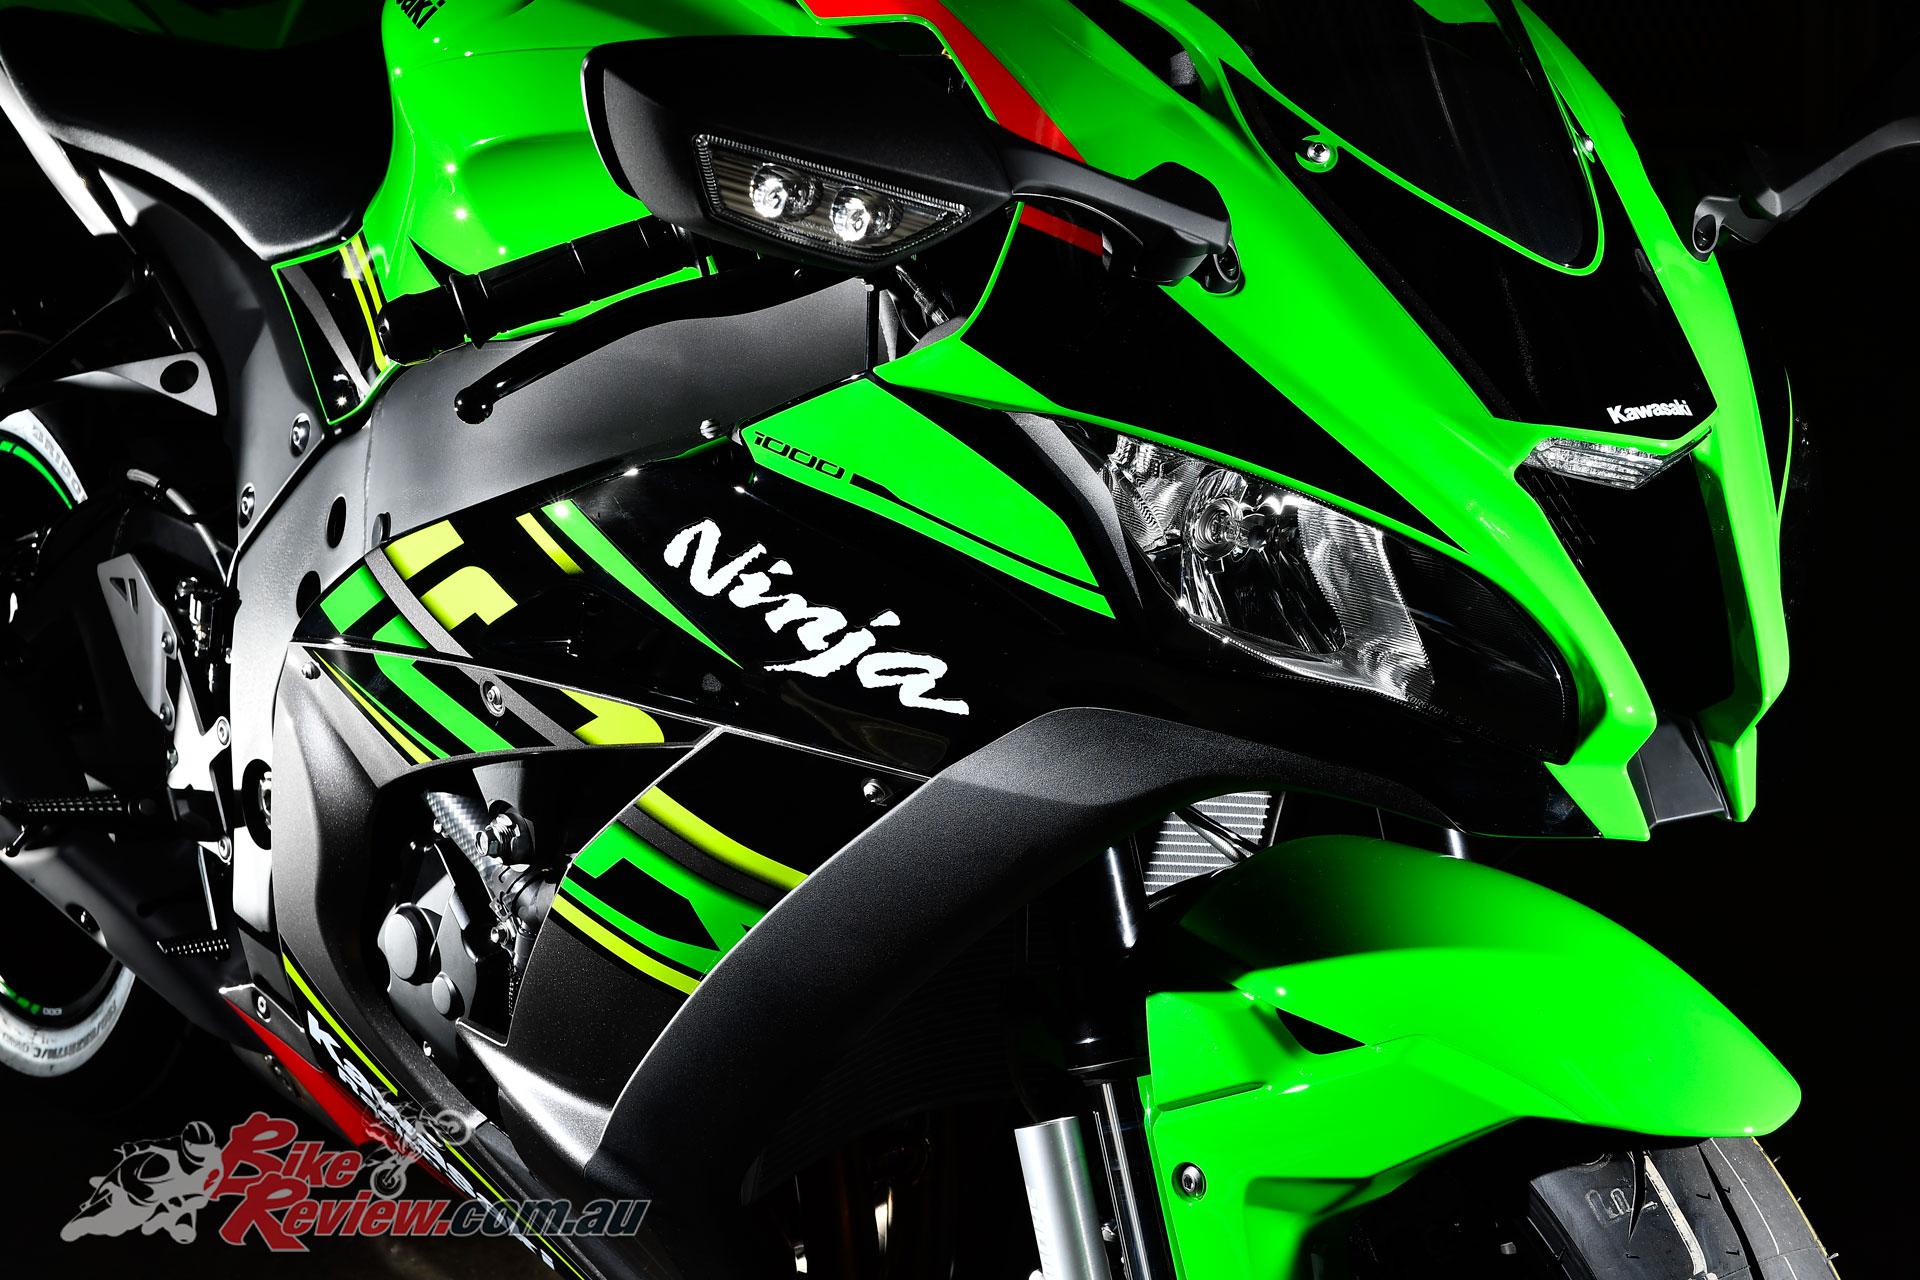 Model Update: 2019 Kawasaki Ninja ZX-10R, ZX-10RR, ZX-10R SE